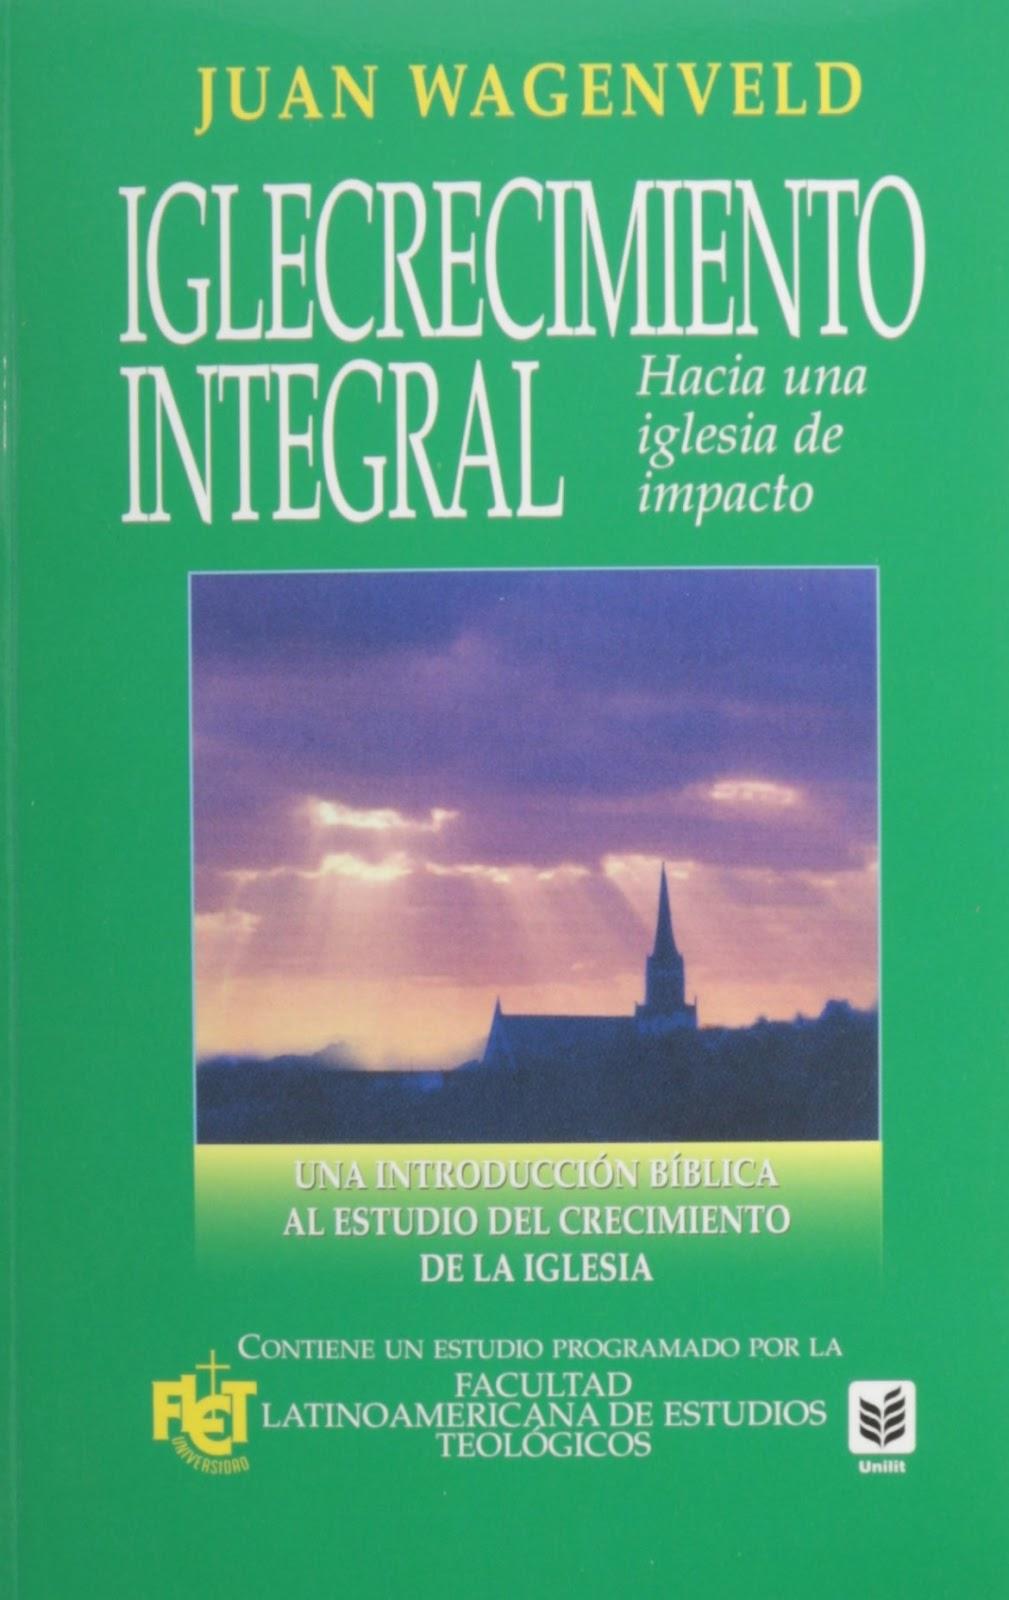 Juan Wagenveld - Iglecrecimiento Integral - Libros ...